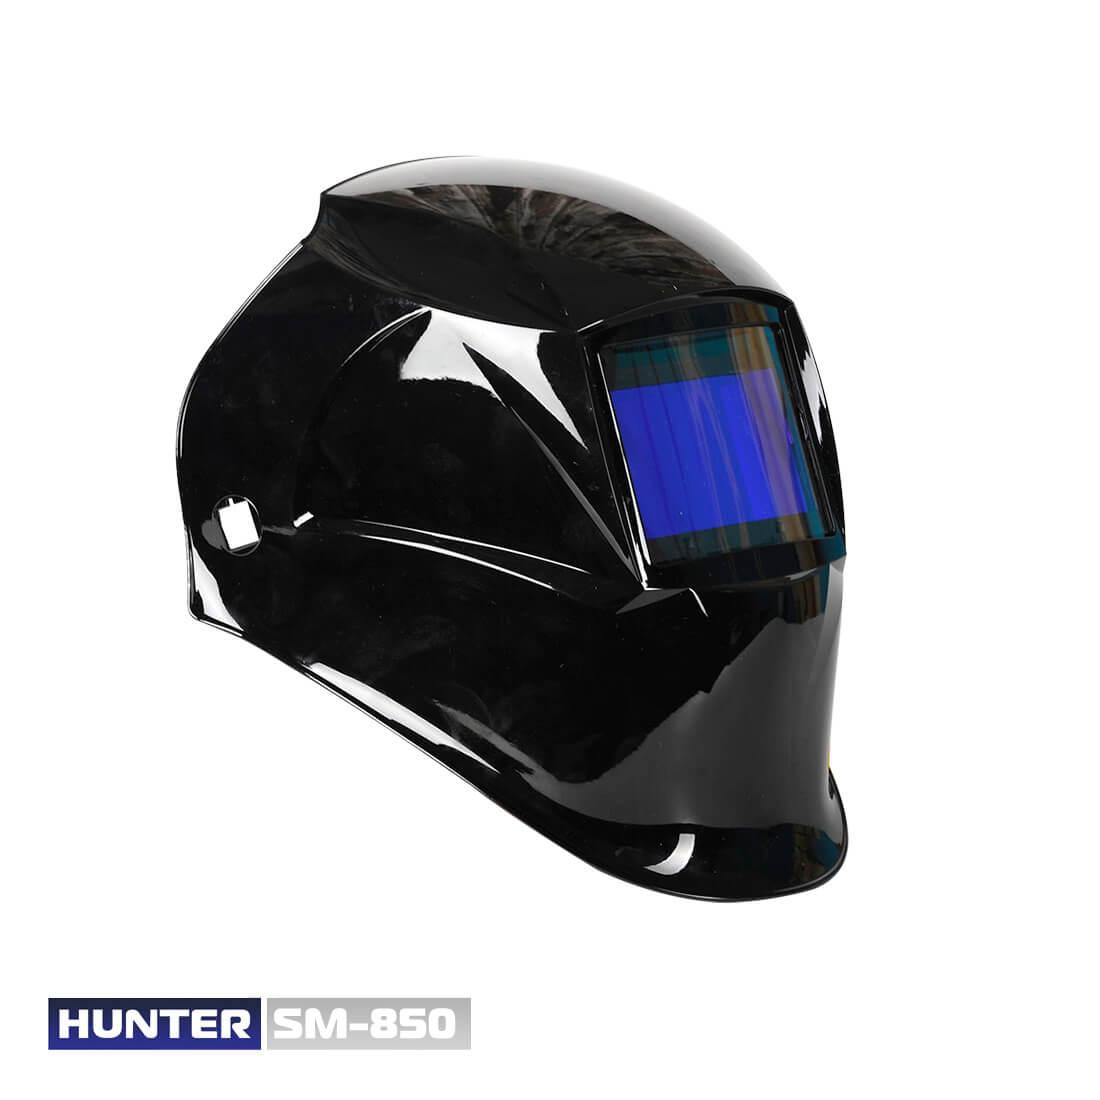 Фото SM-850 цена 1300грн №3 — Hunter